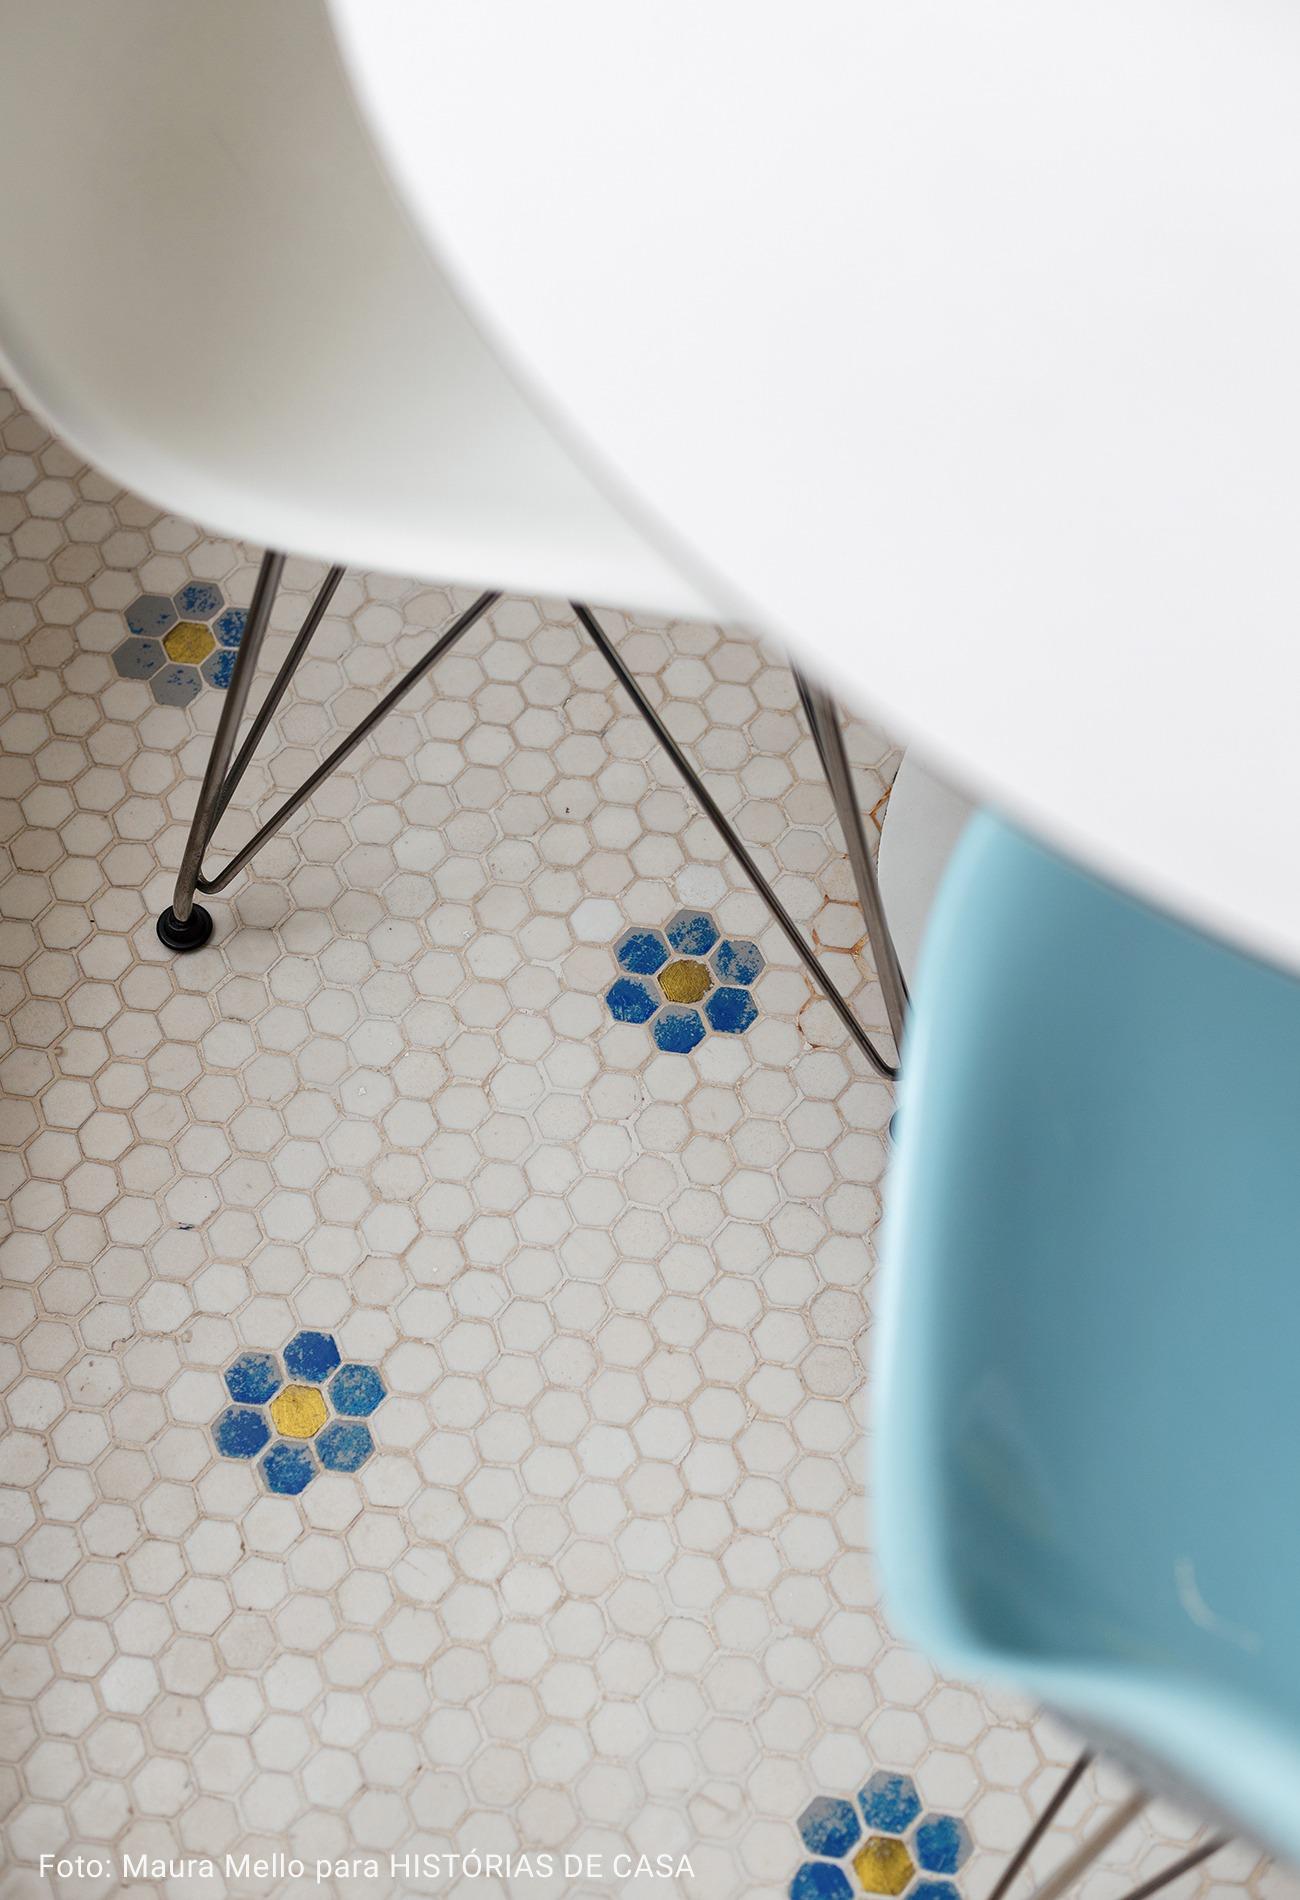 detalhe de ladrilhos com flor